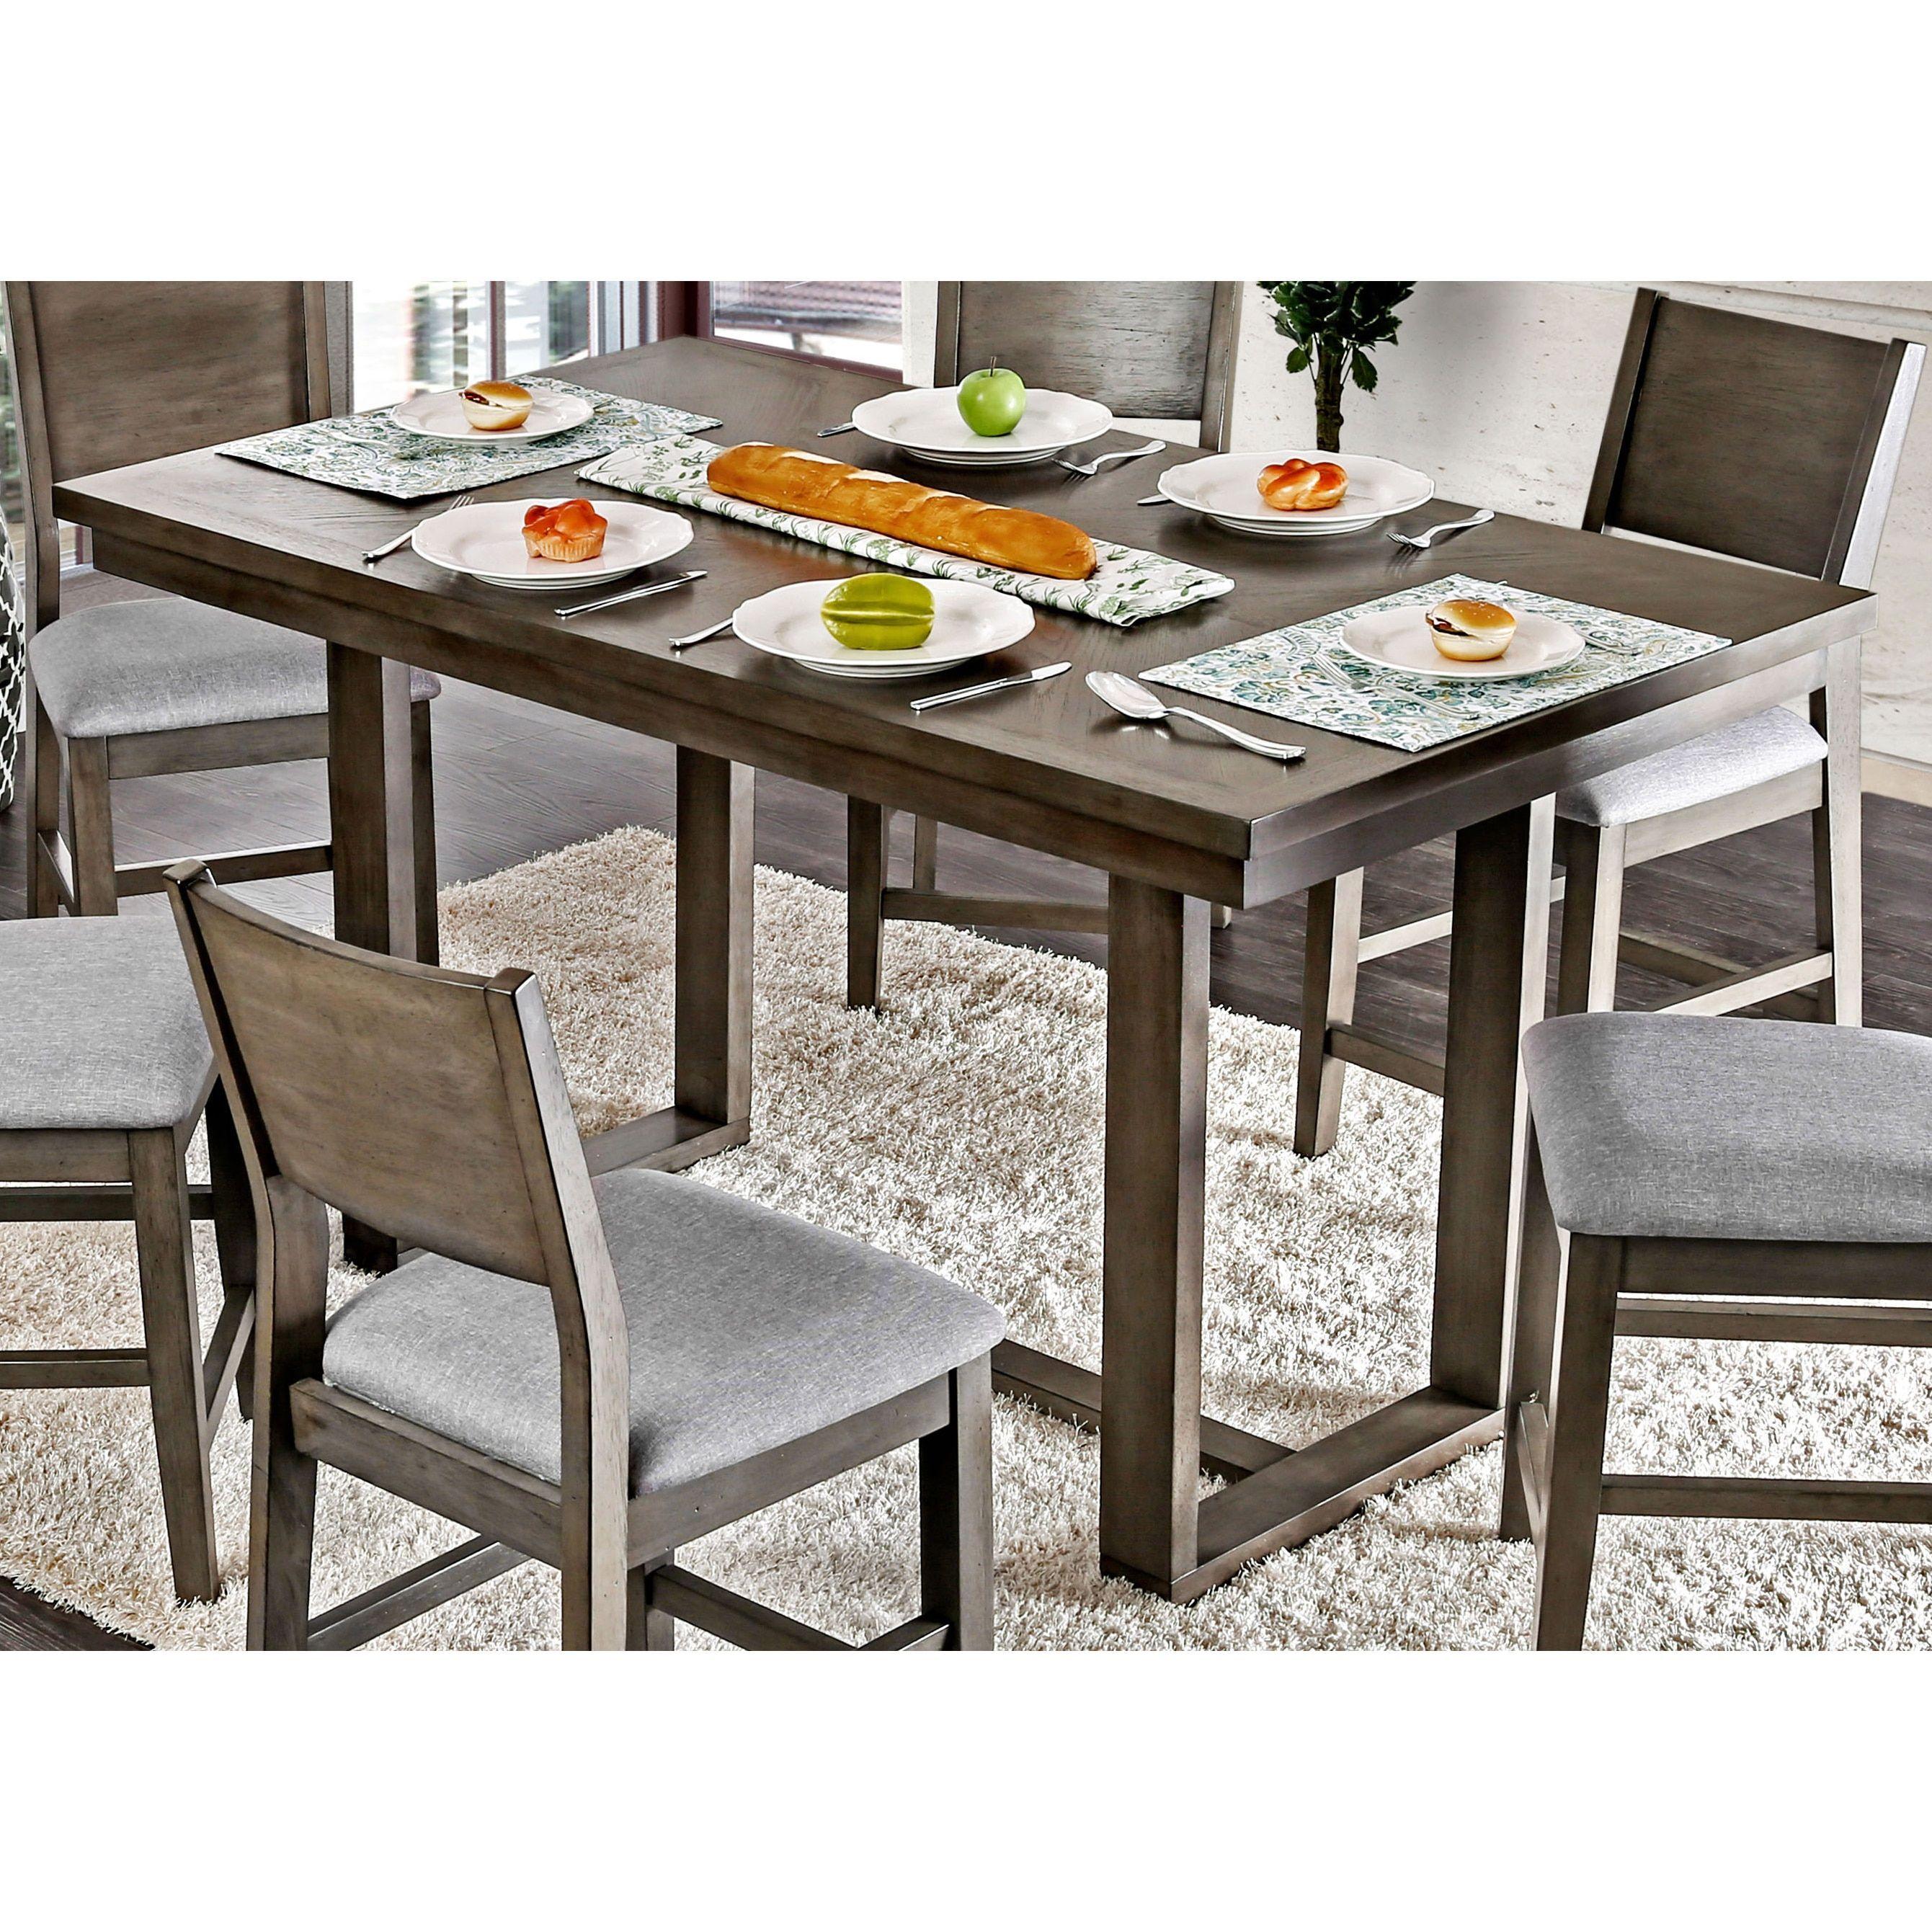 Prospect Hill Gray Rectangular Counter Height Dining Table Counter Height Dining Table Counter Height Dining Sets Counter Height Dining Room Tables